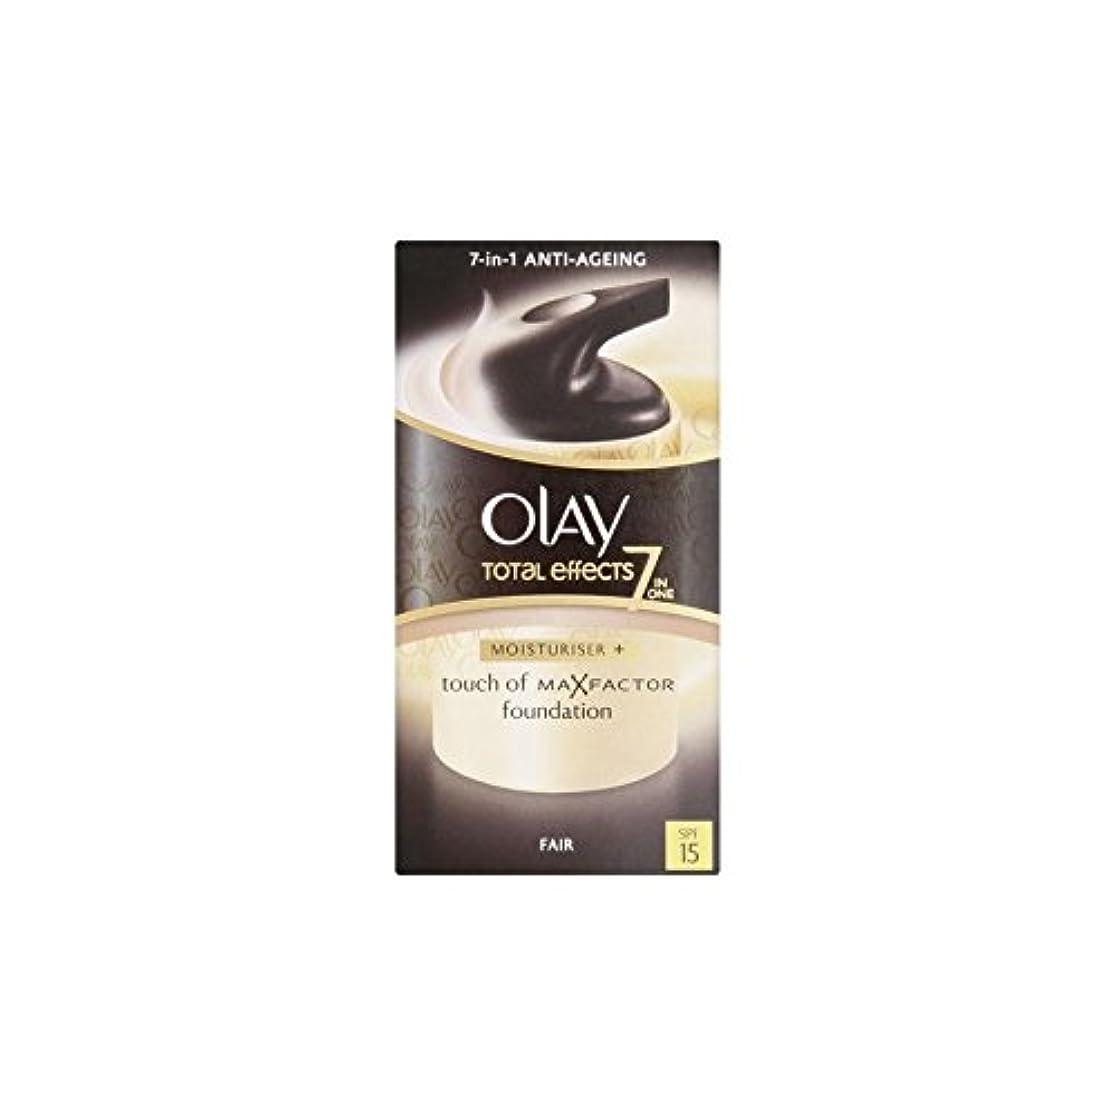 程度期限切れ貪欲オーレイトータルエフェクト保湿クリーム15 - フェア(50ミリリットル) x4 - Olay Total Effects Moisturiser Bb Cream Spf15 - Fair (50ml) (Pack of...